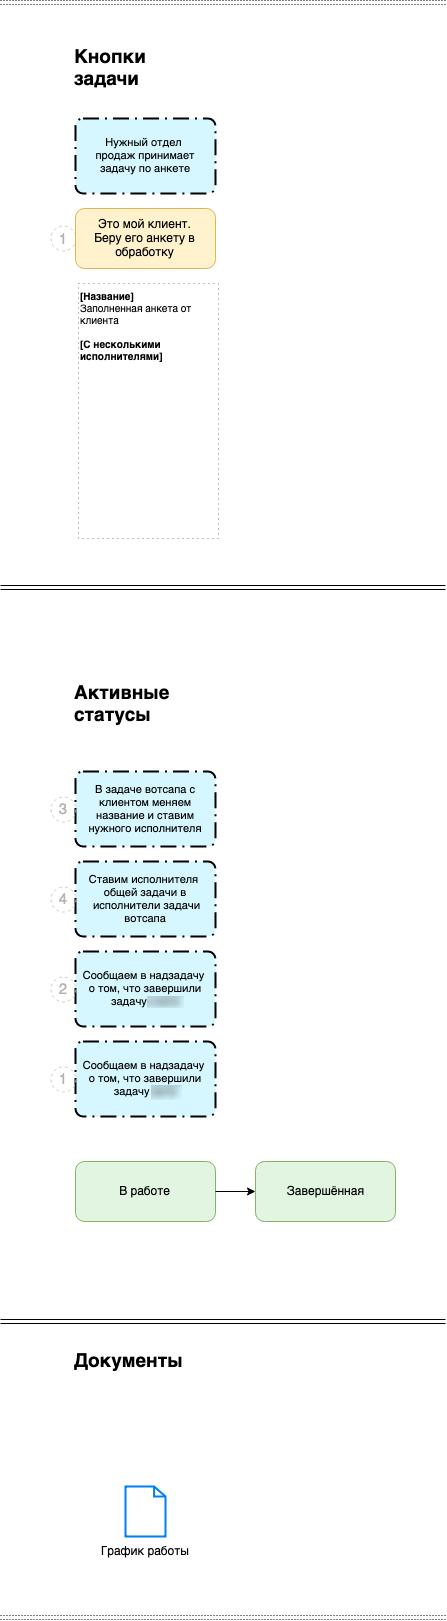 Процесс Стандартный в архитектуре системы управления проектами на базе ПланФикса